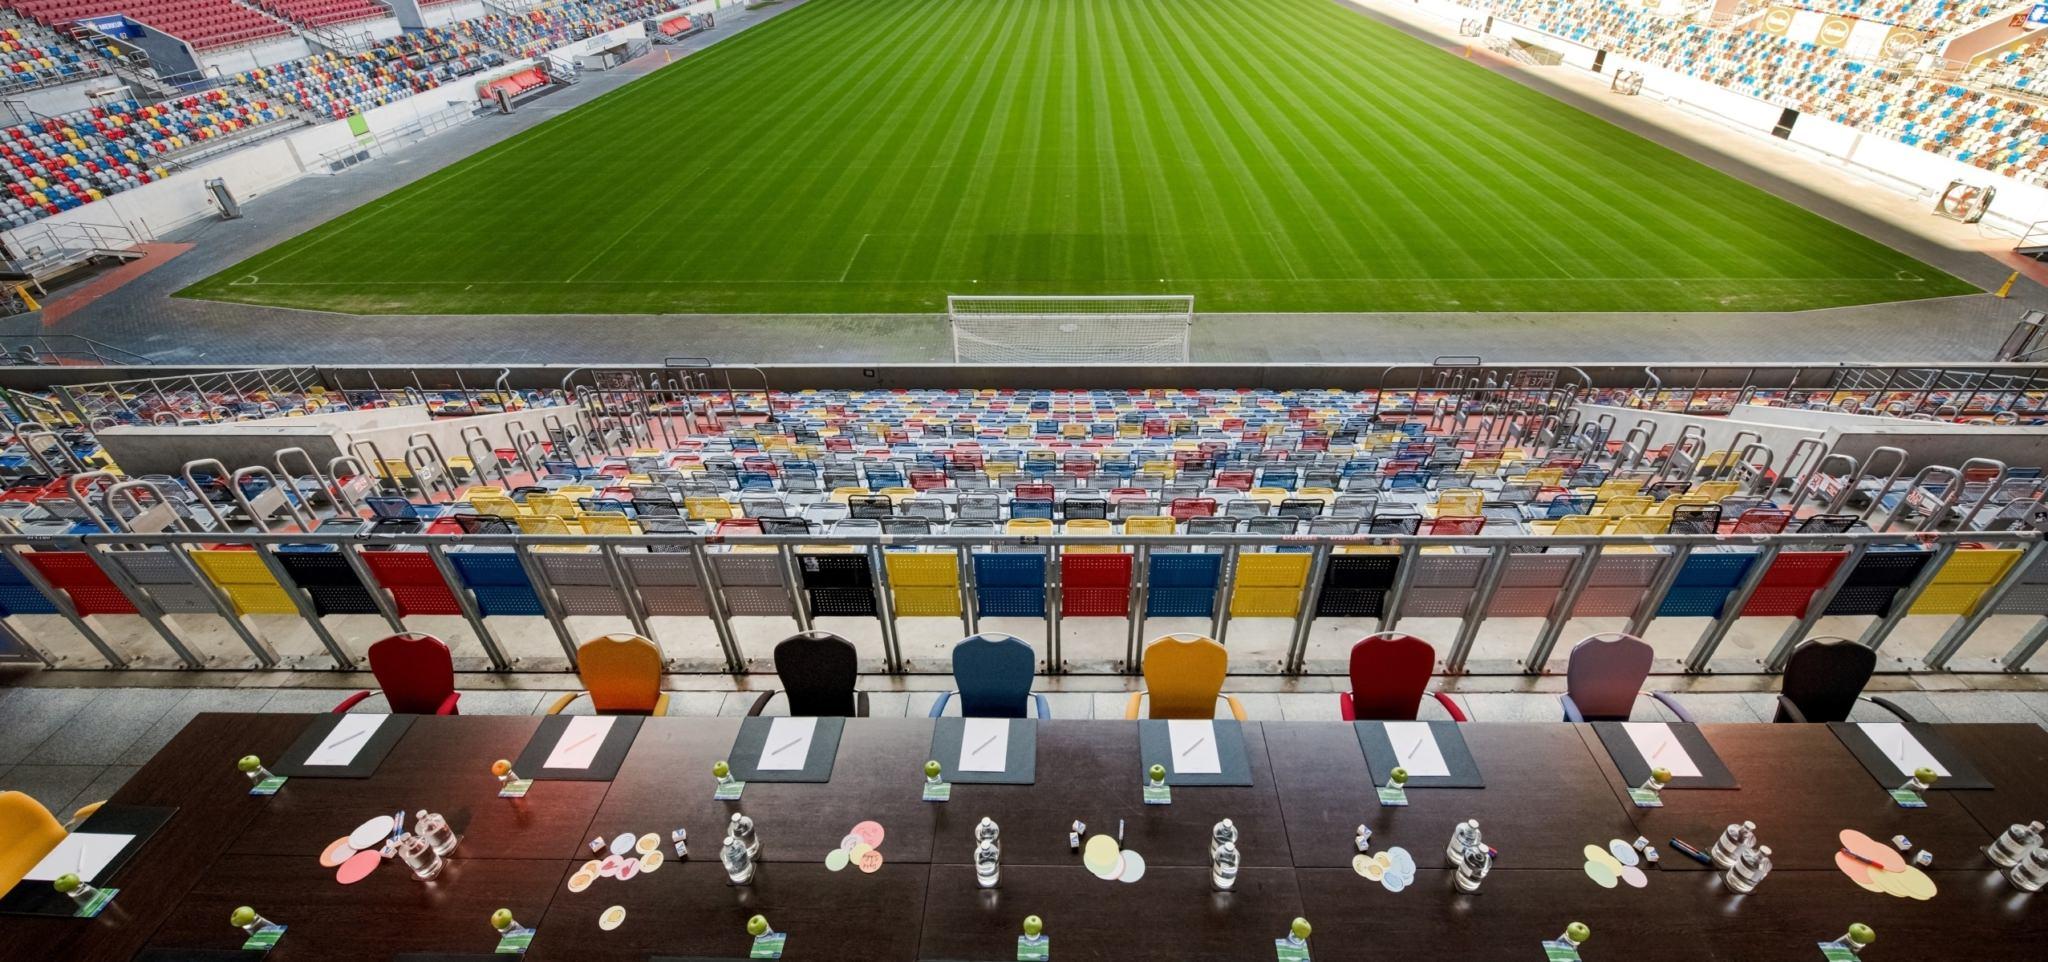 Hotel Tulip Inn Düsseldorf Arena Tagen im Stadion